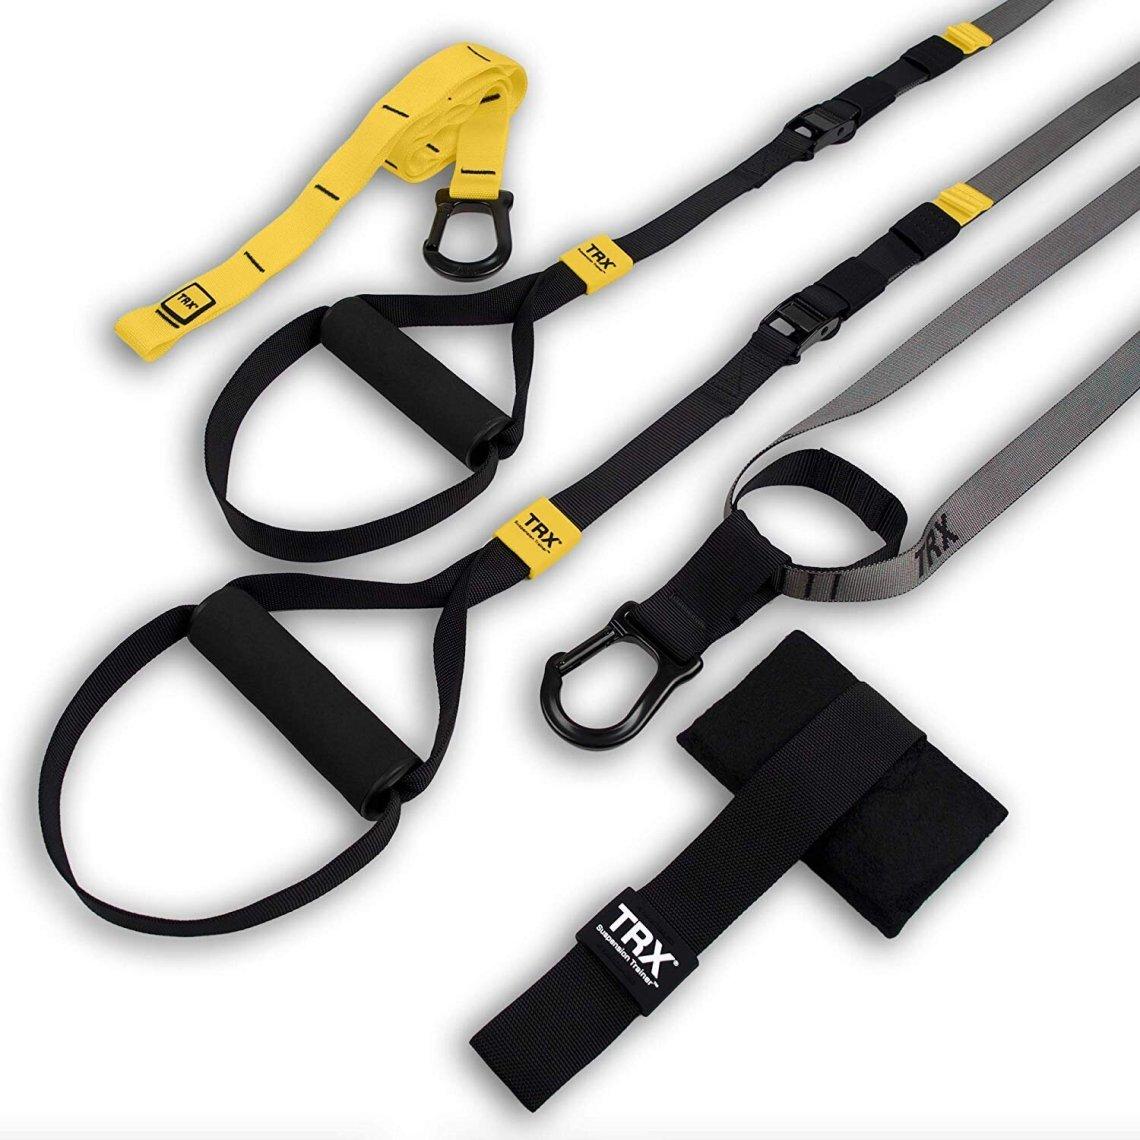 TRX Training - GO Suspension Trainer Kit, Amazon, £79.95